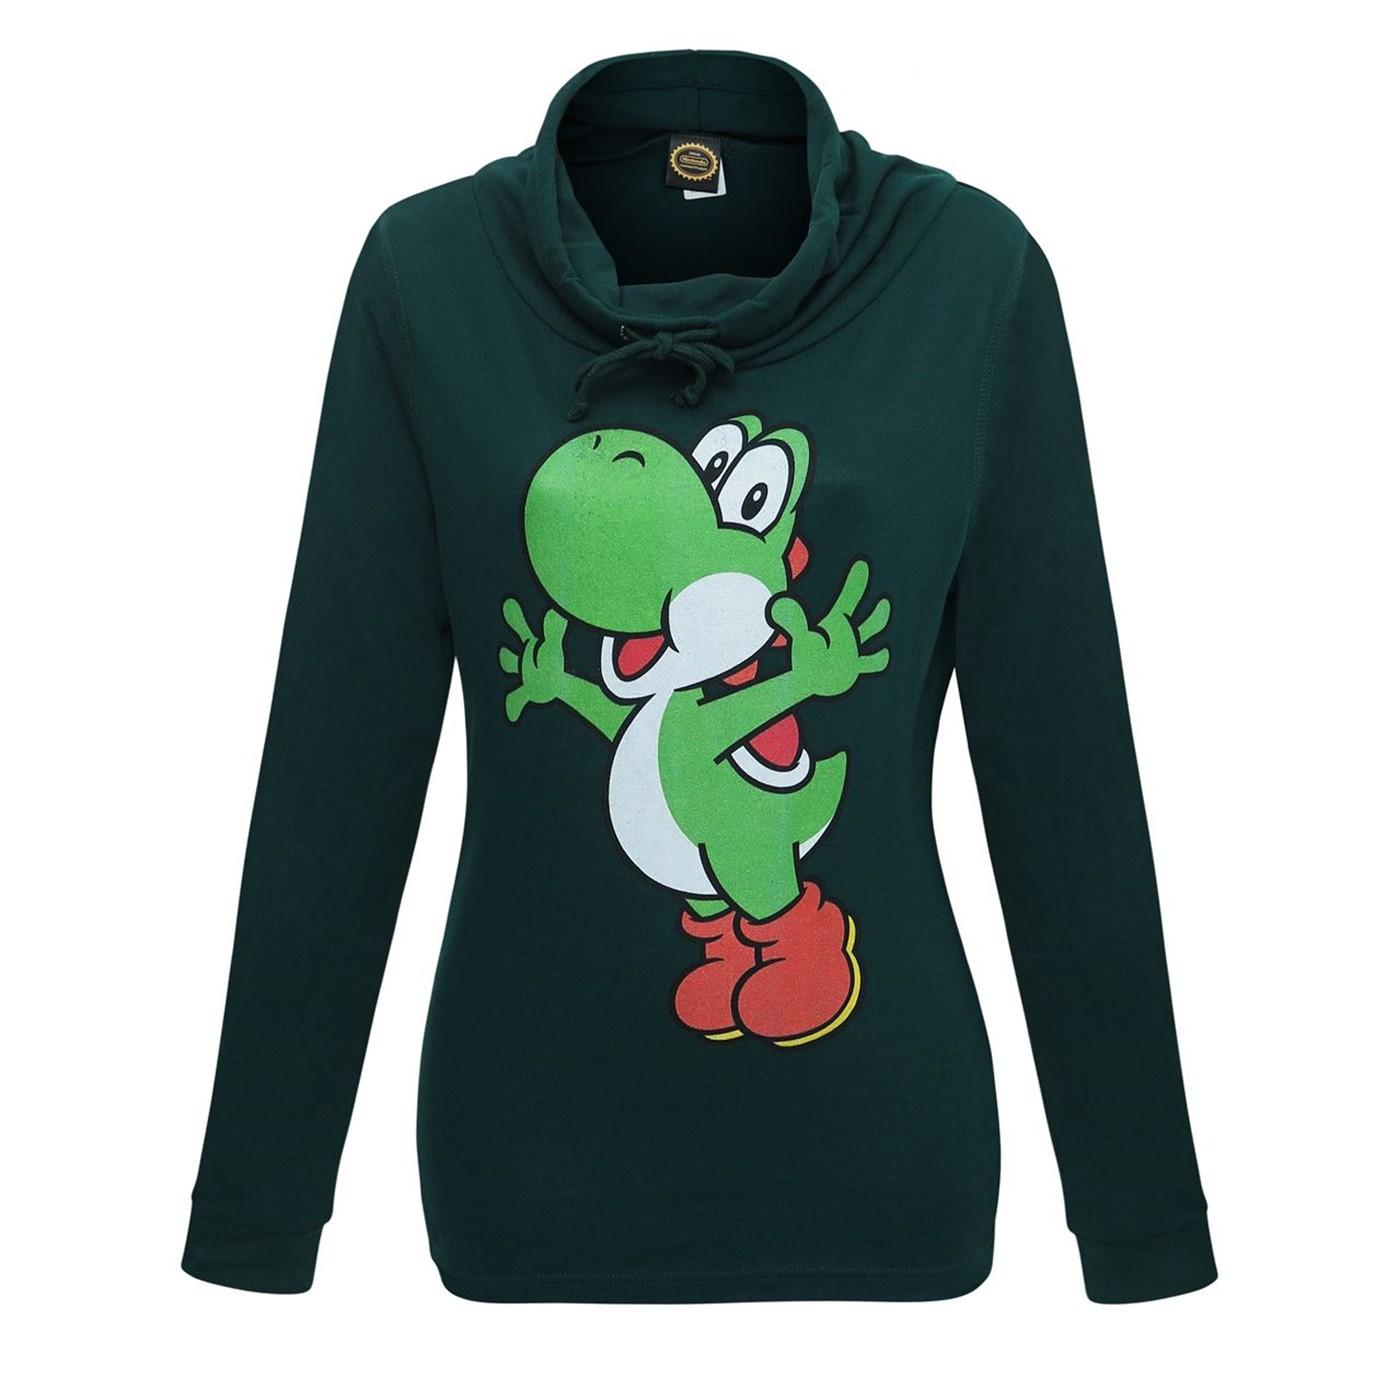 Super Mario Yoshi Women's Cowl Sweatshirt